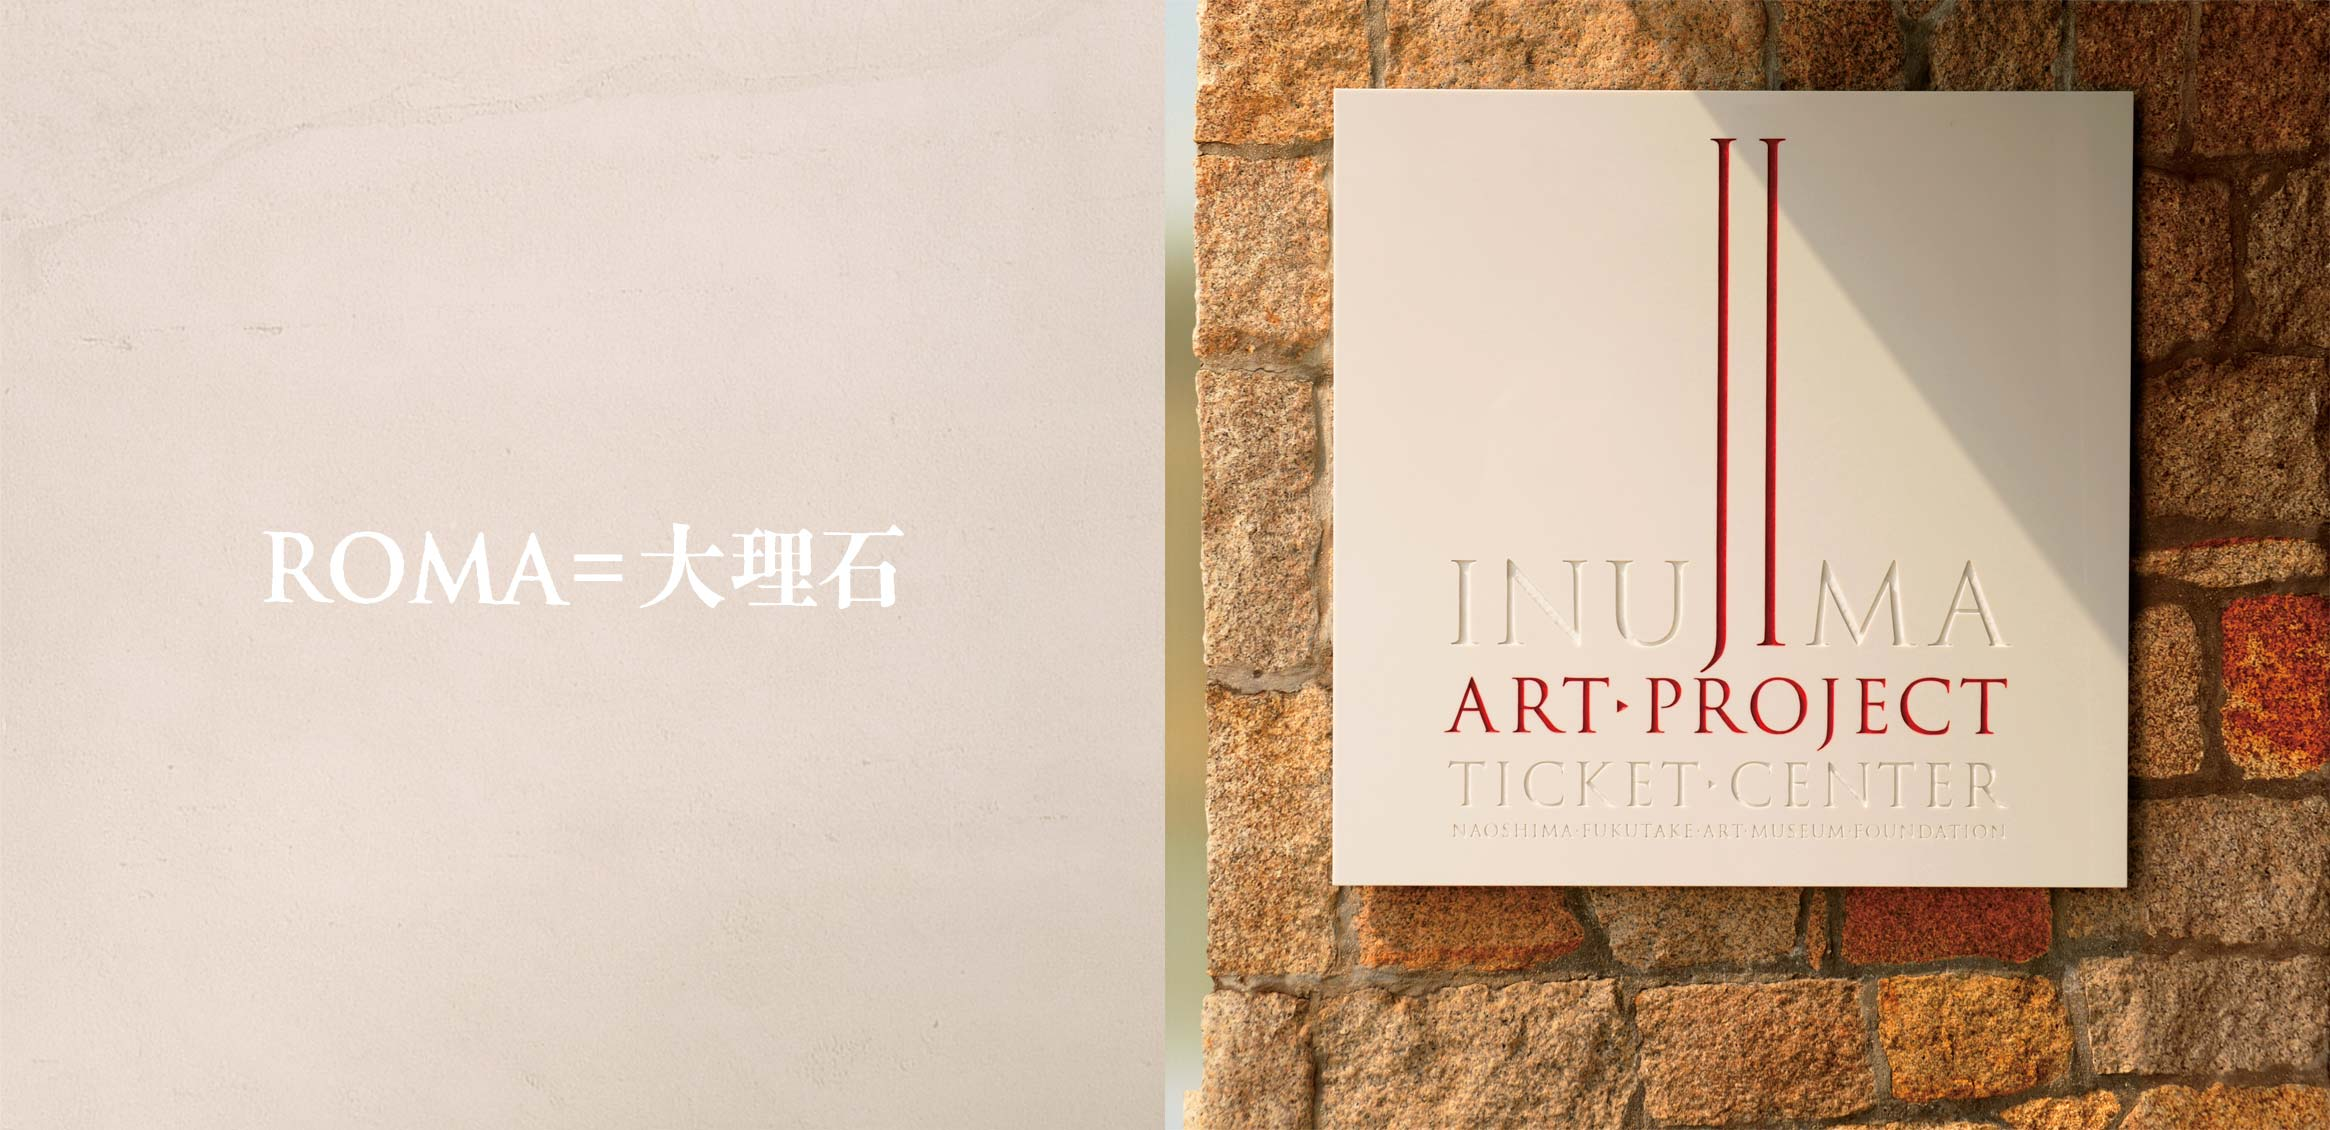 犬島アートプロジェクト サイン計画3枚目